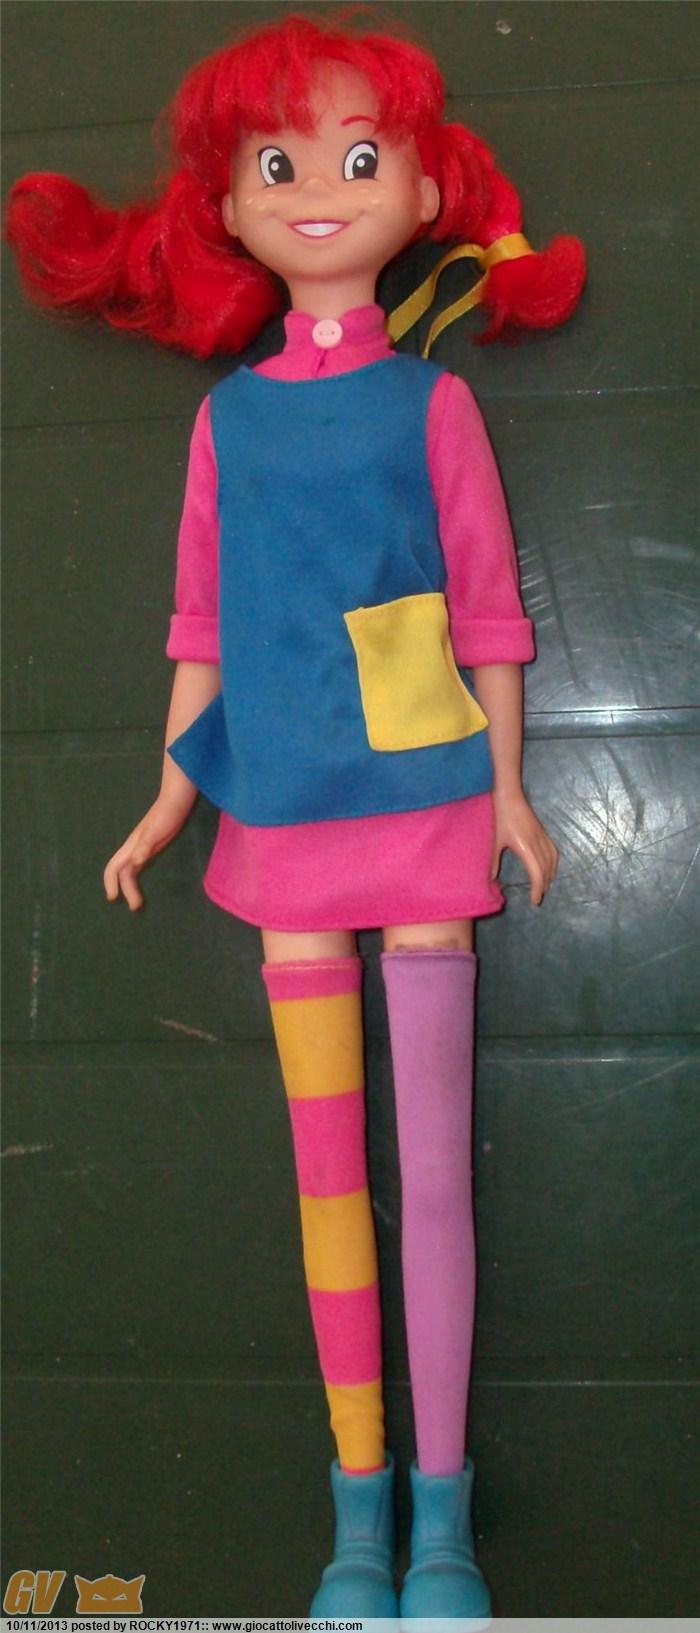 Pippi calzelunghe bambola pippi calzelunghe bambola social